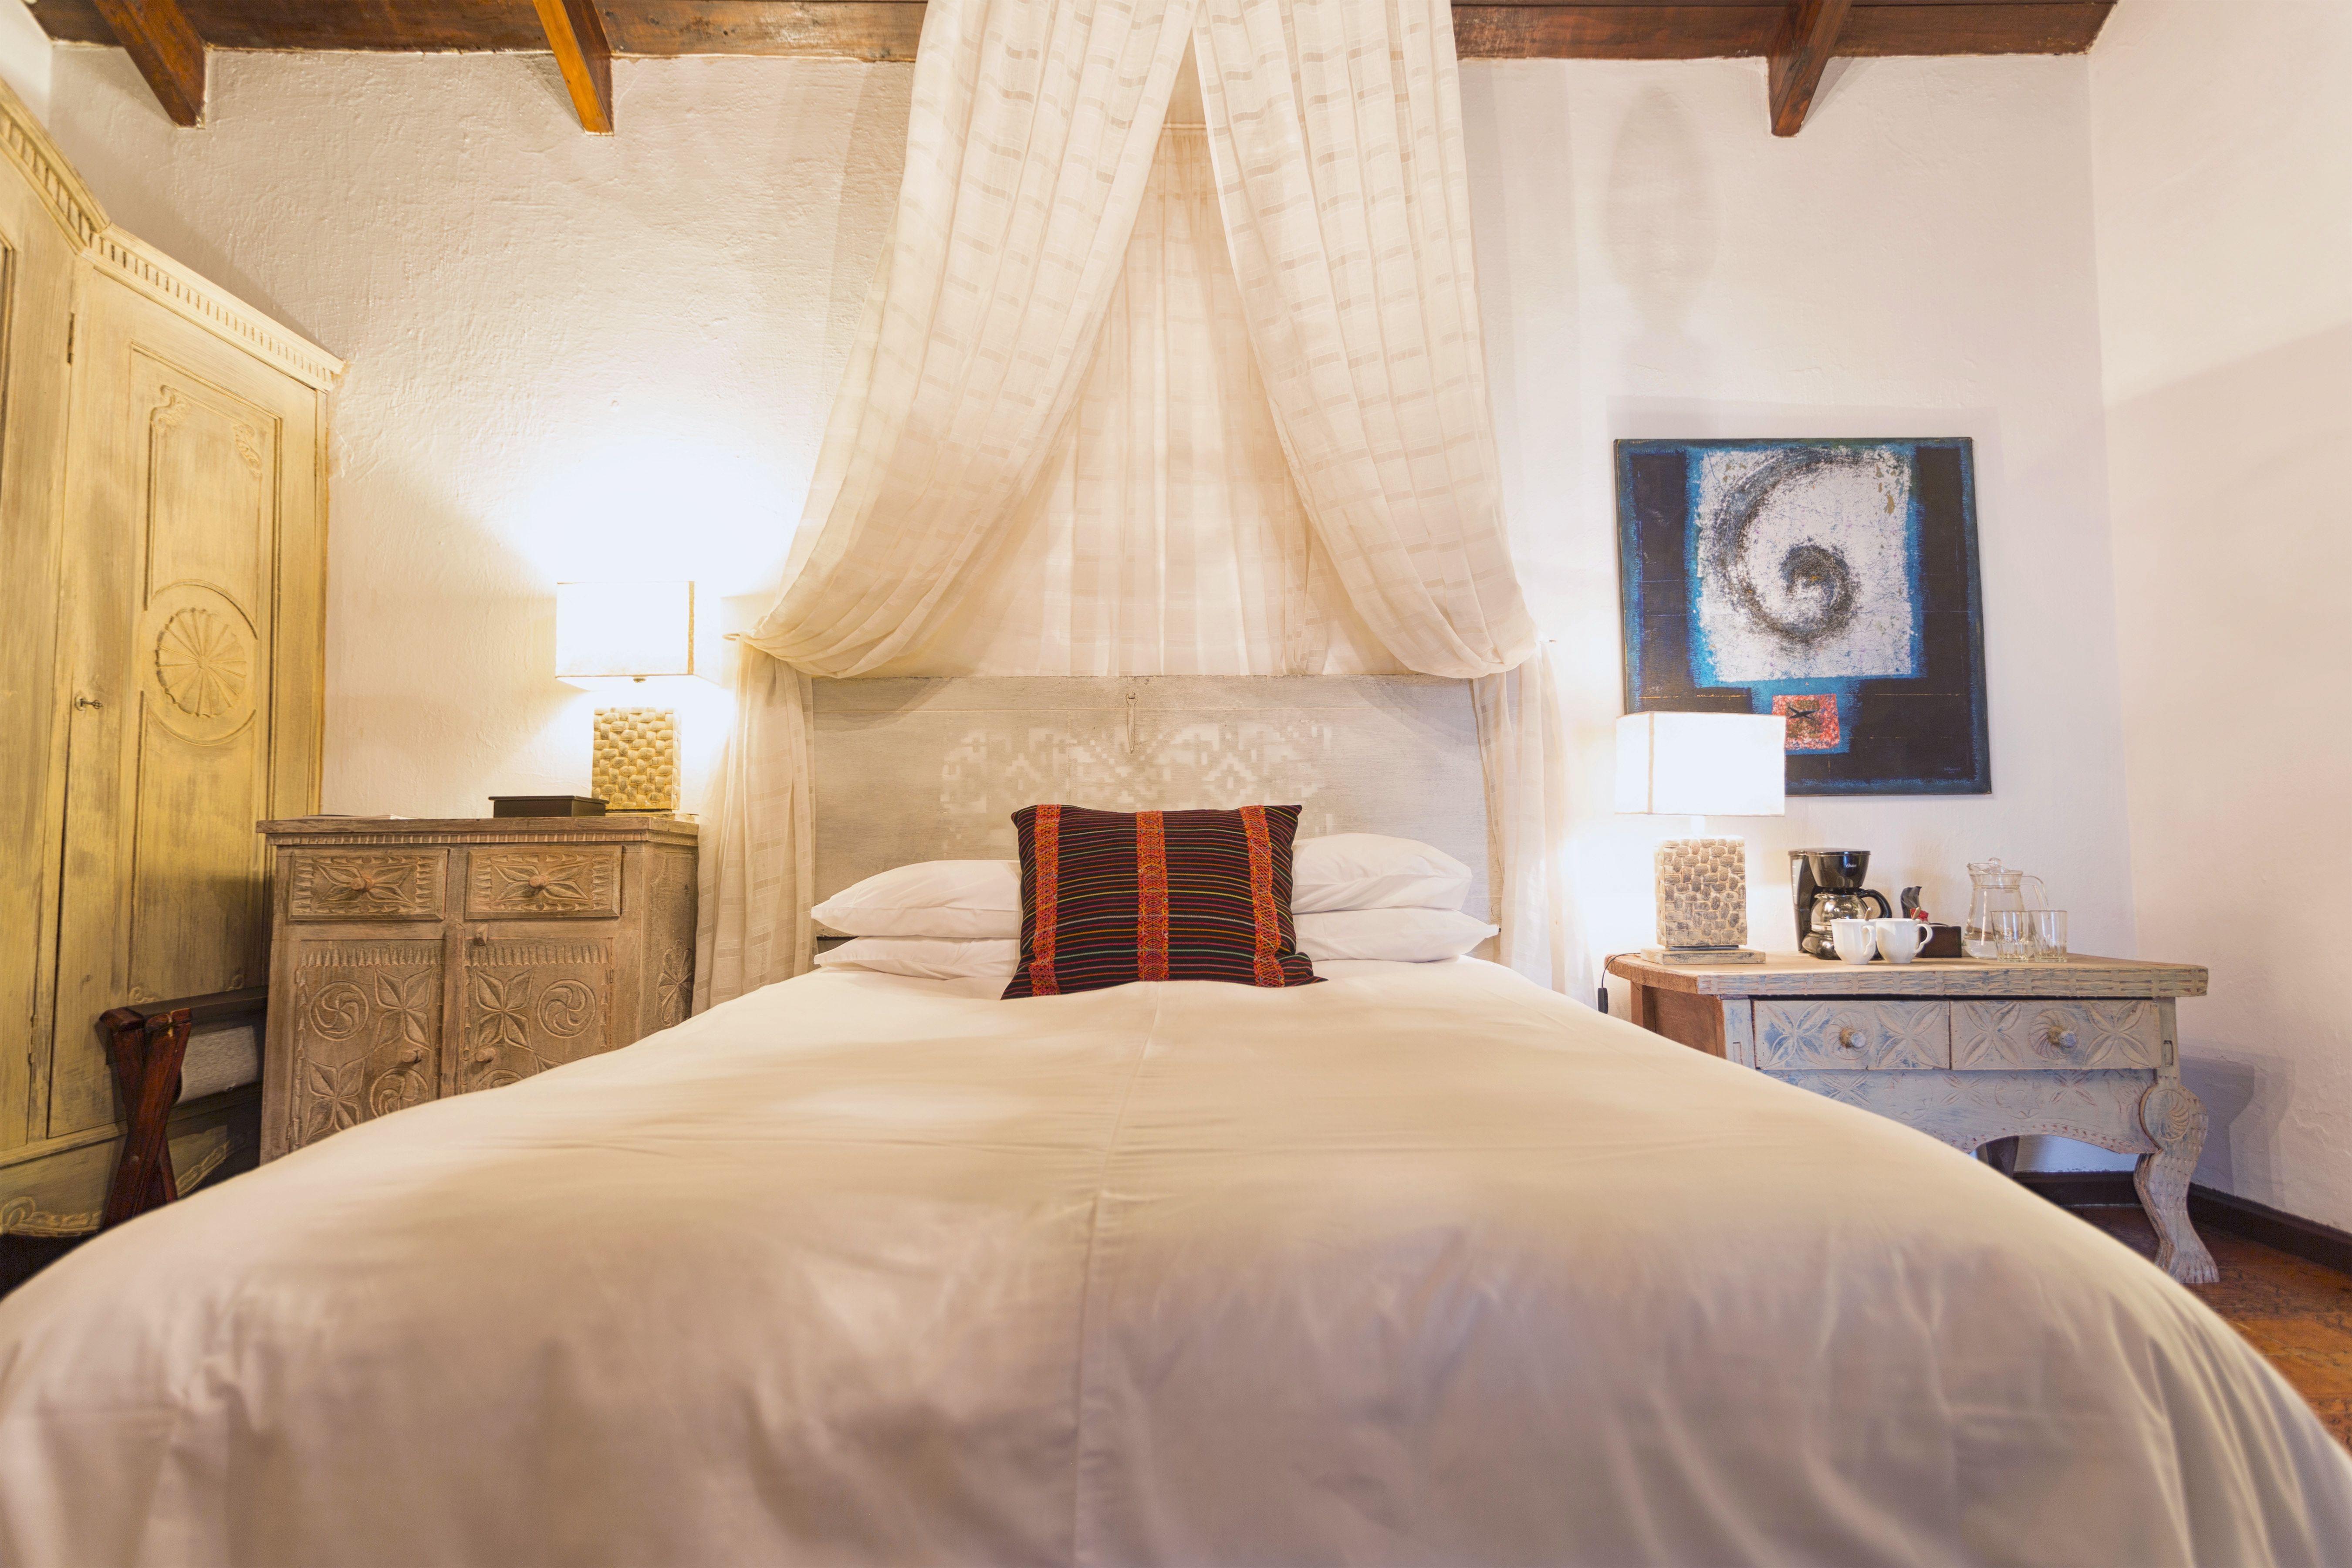 Room #3C Palo-Santo